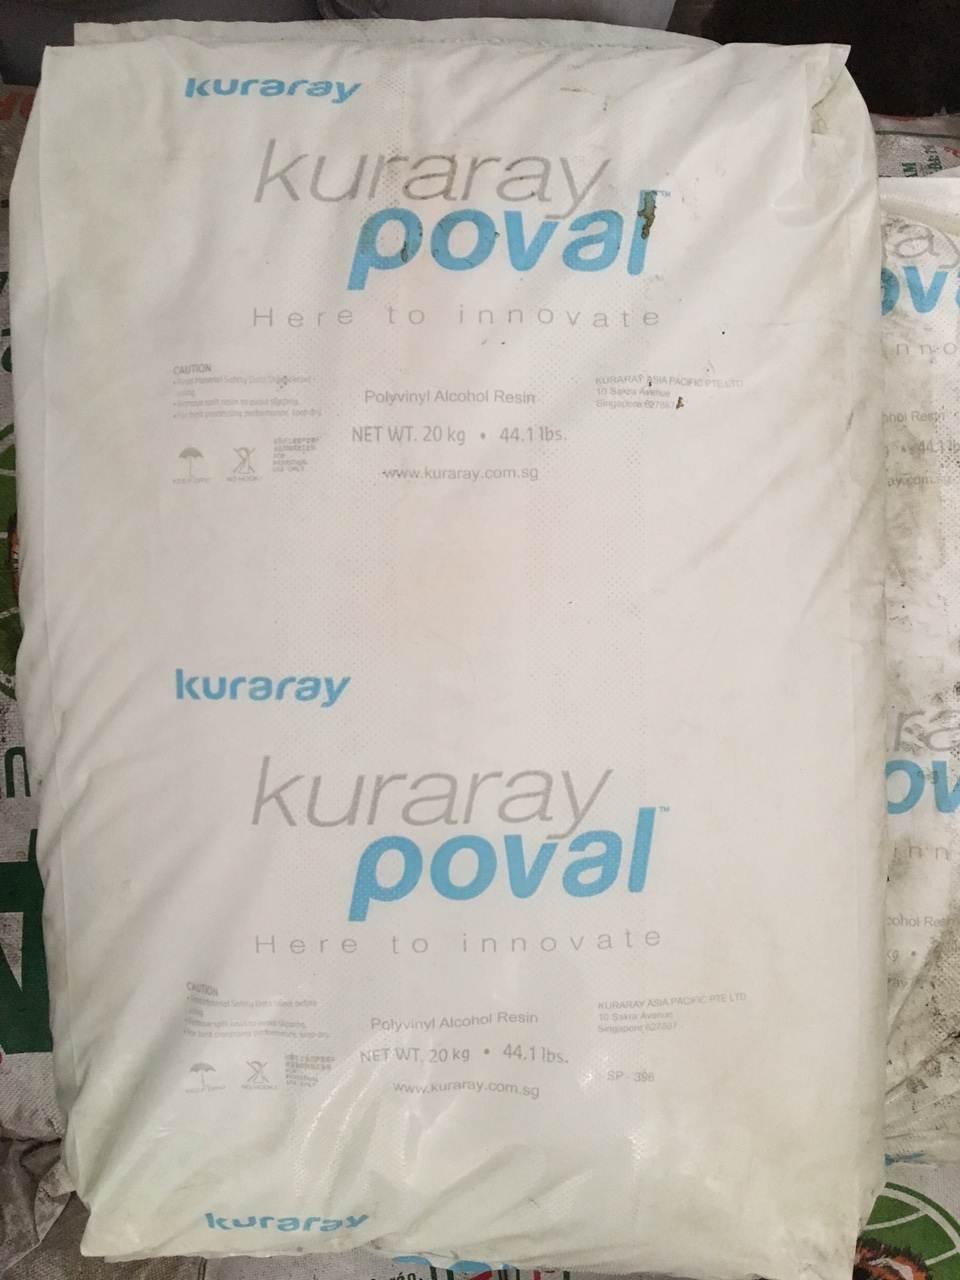 PVA - Polyvinyl Alcohol